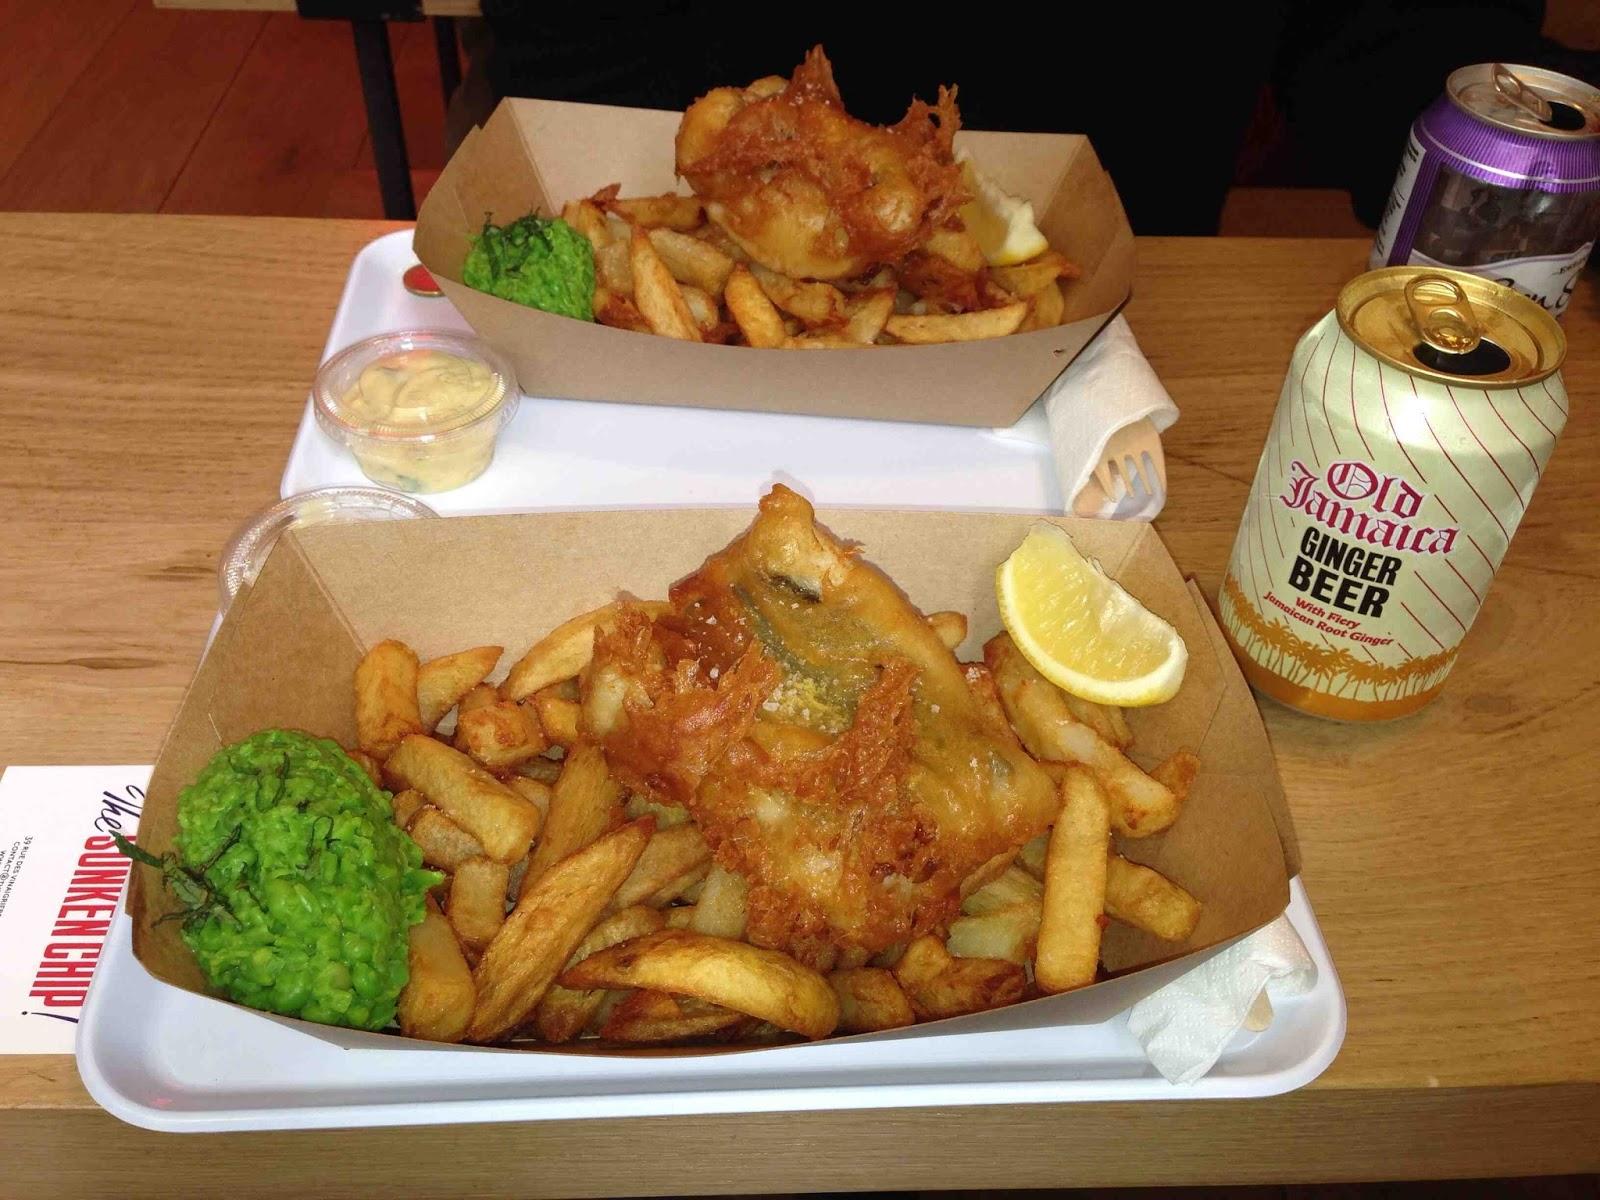 Mes adresses the sunken chip fish and chips le canal saint martin l 39 heure britannique 39 - Restaurant rue des vinaigriers ...